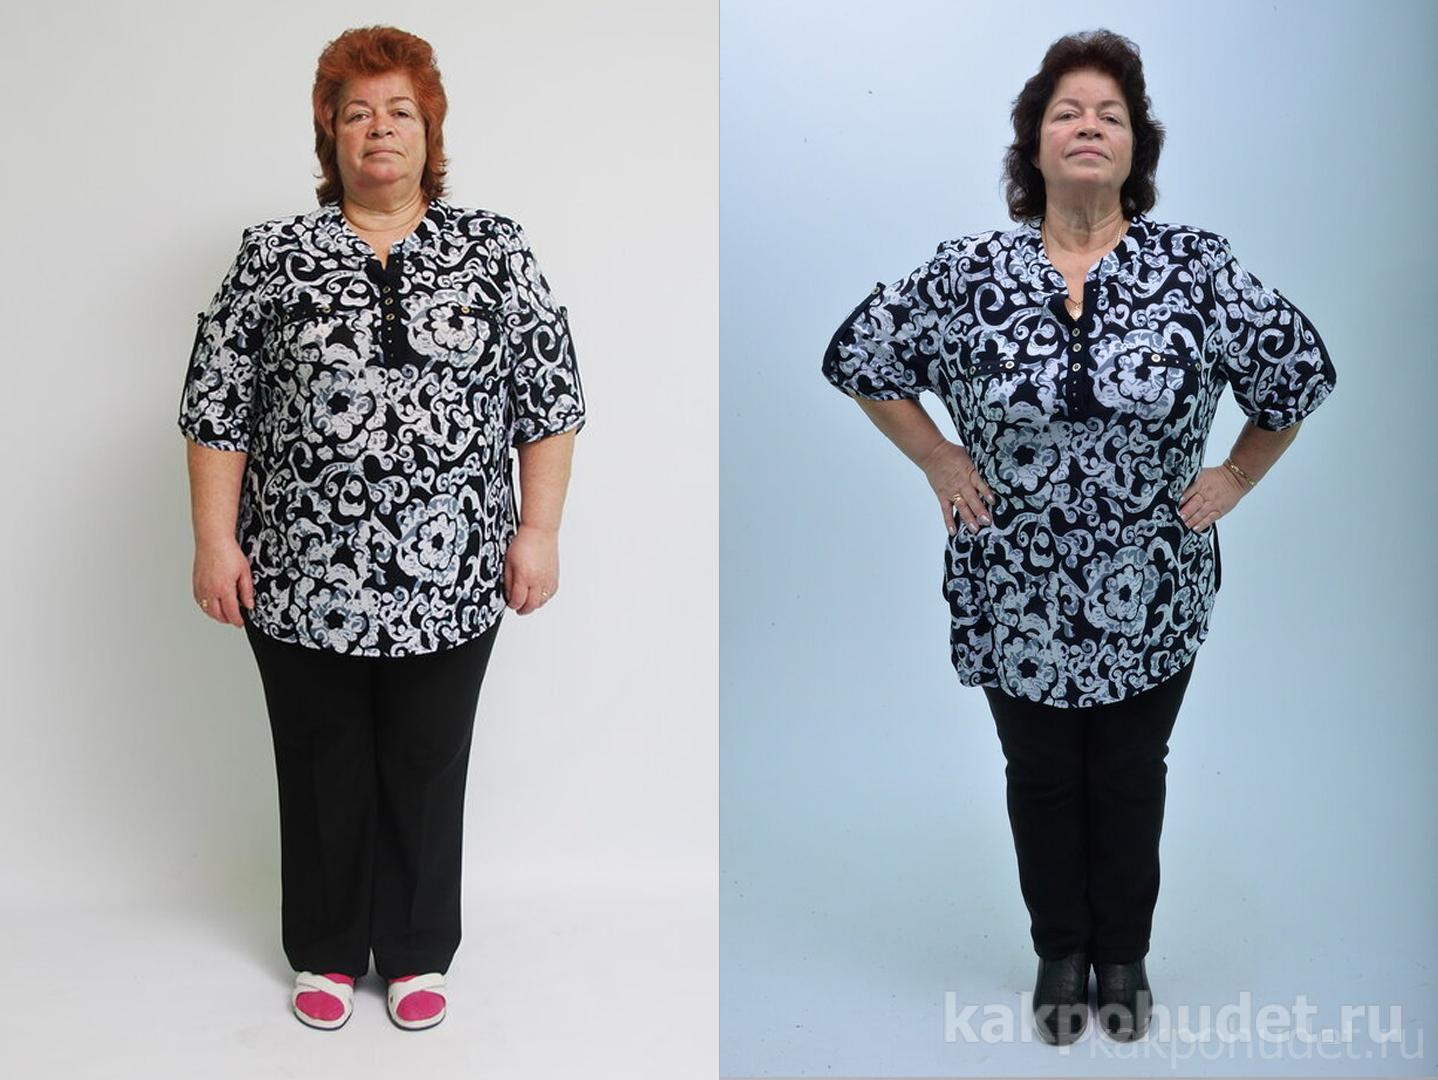 Мать взяла пример с дочери и похудела на 28 кг